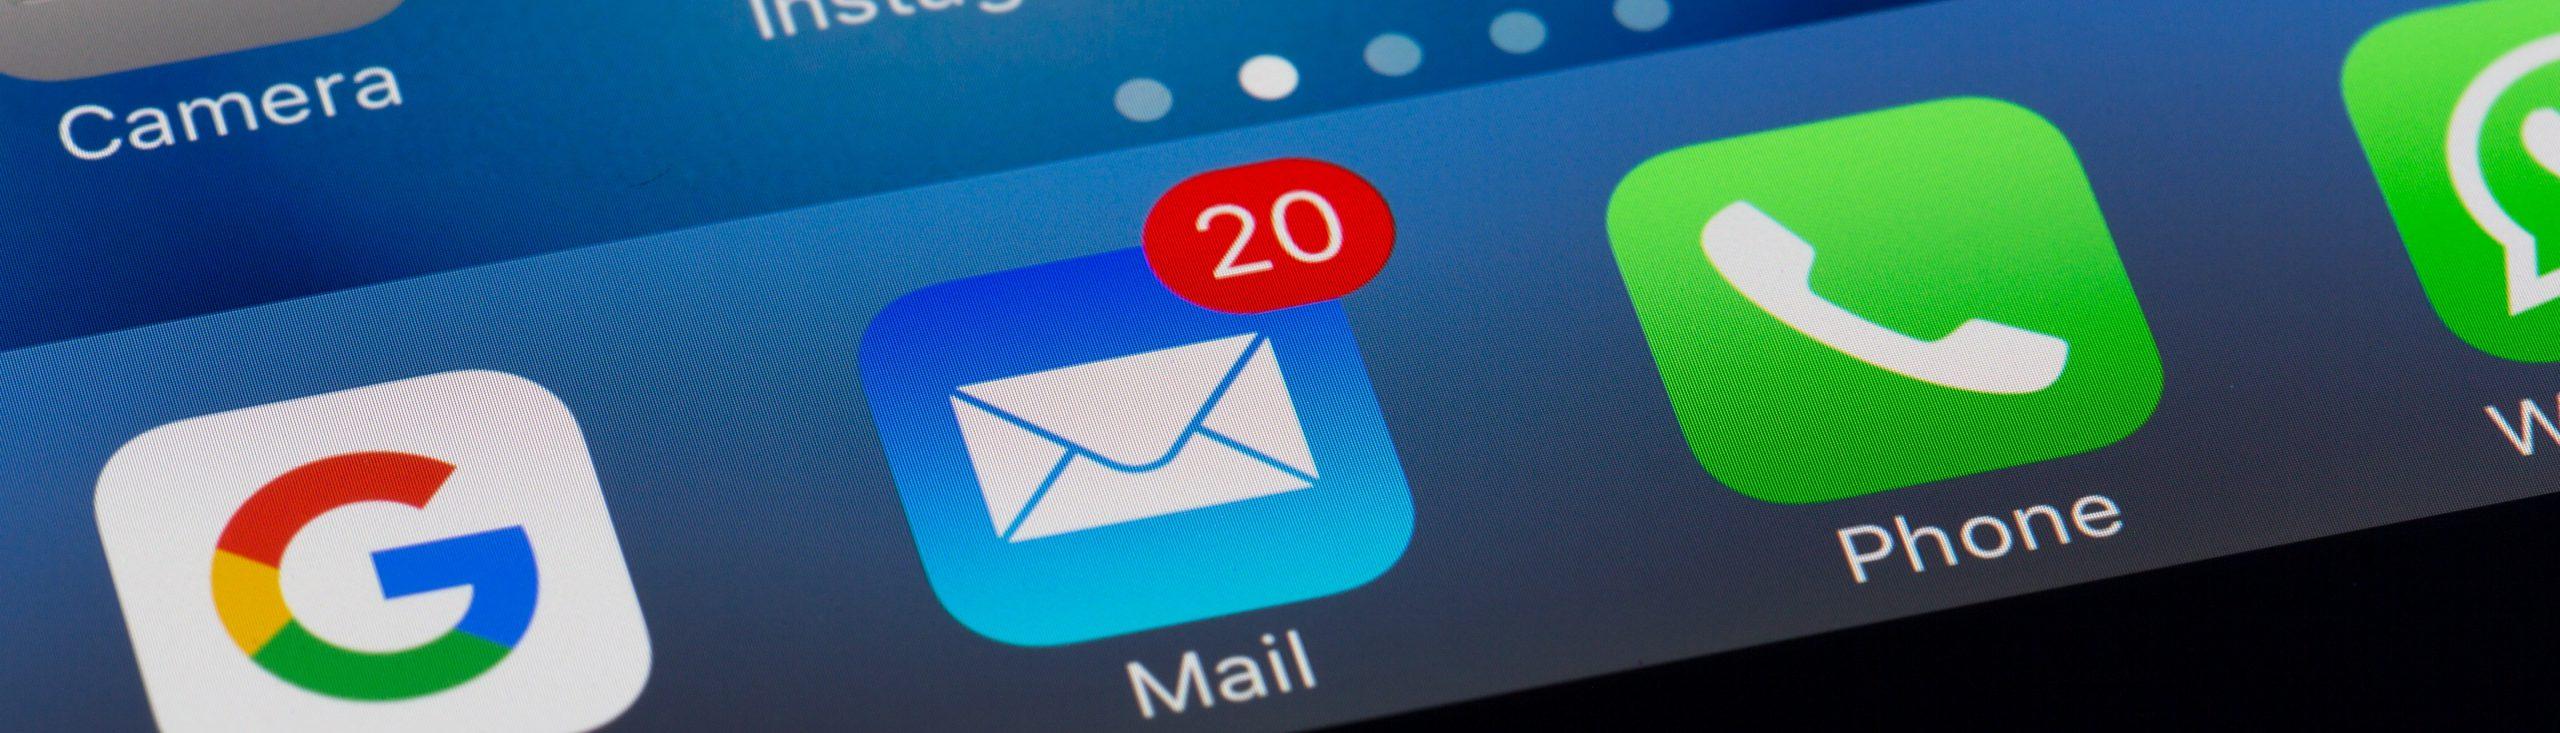 Dynamische Aankoopsystemen dagelijks tientallen offerteaanvragen direct in je mailbox